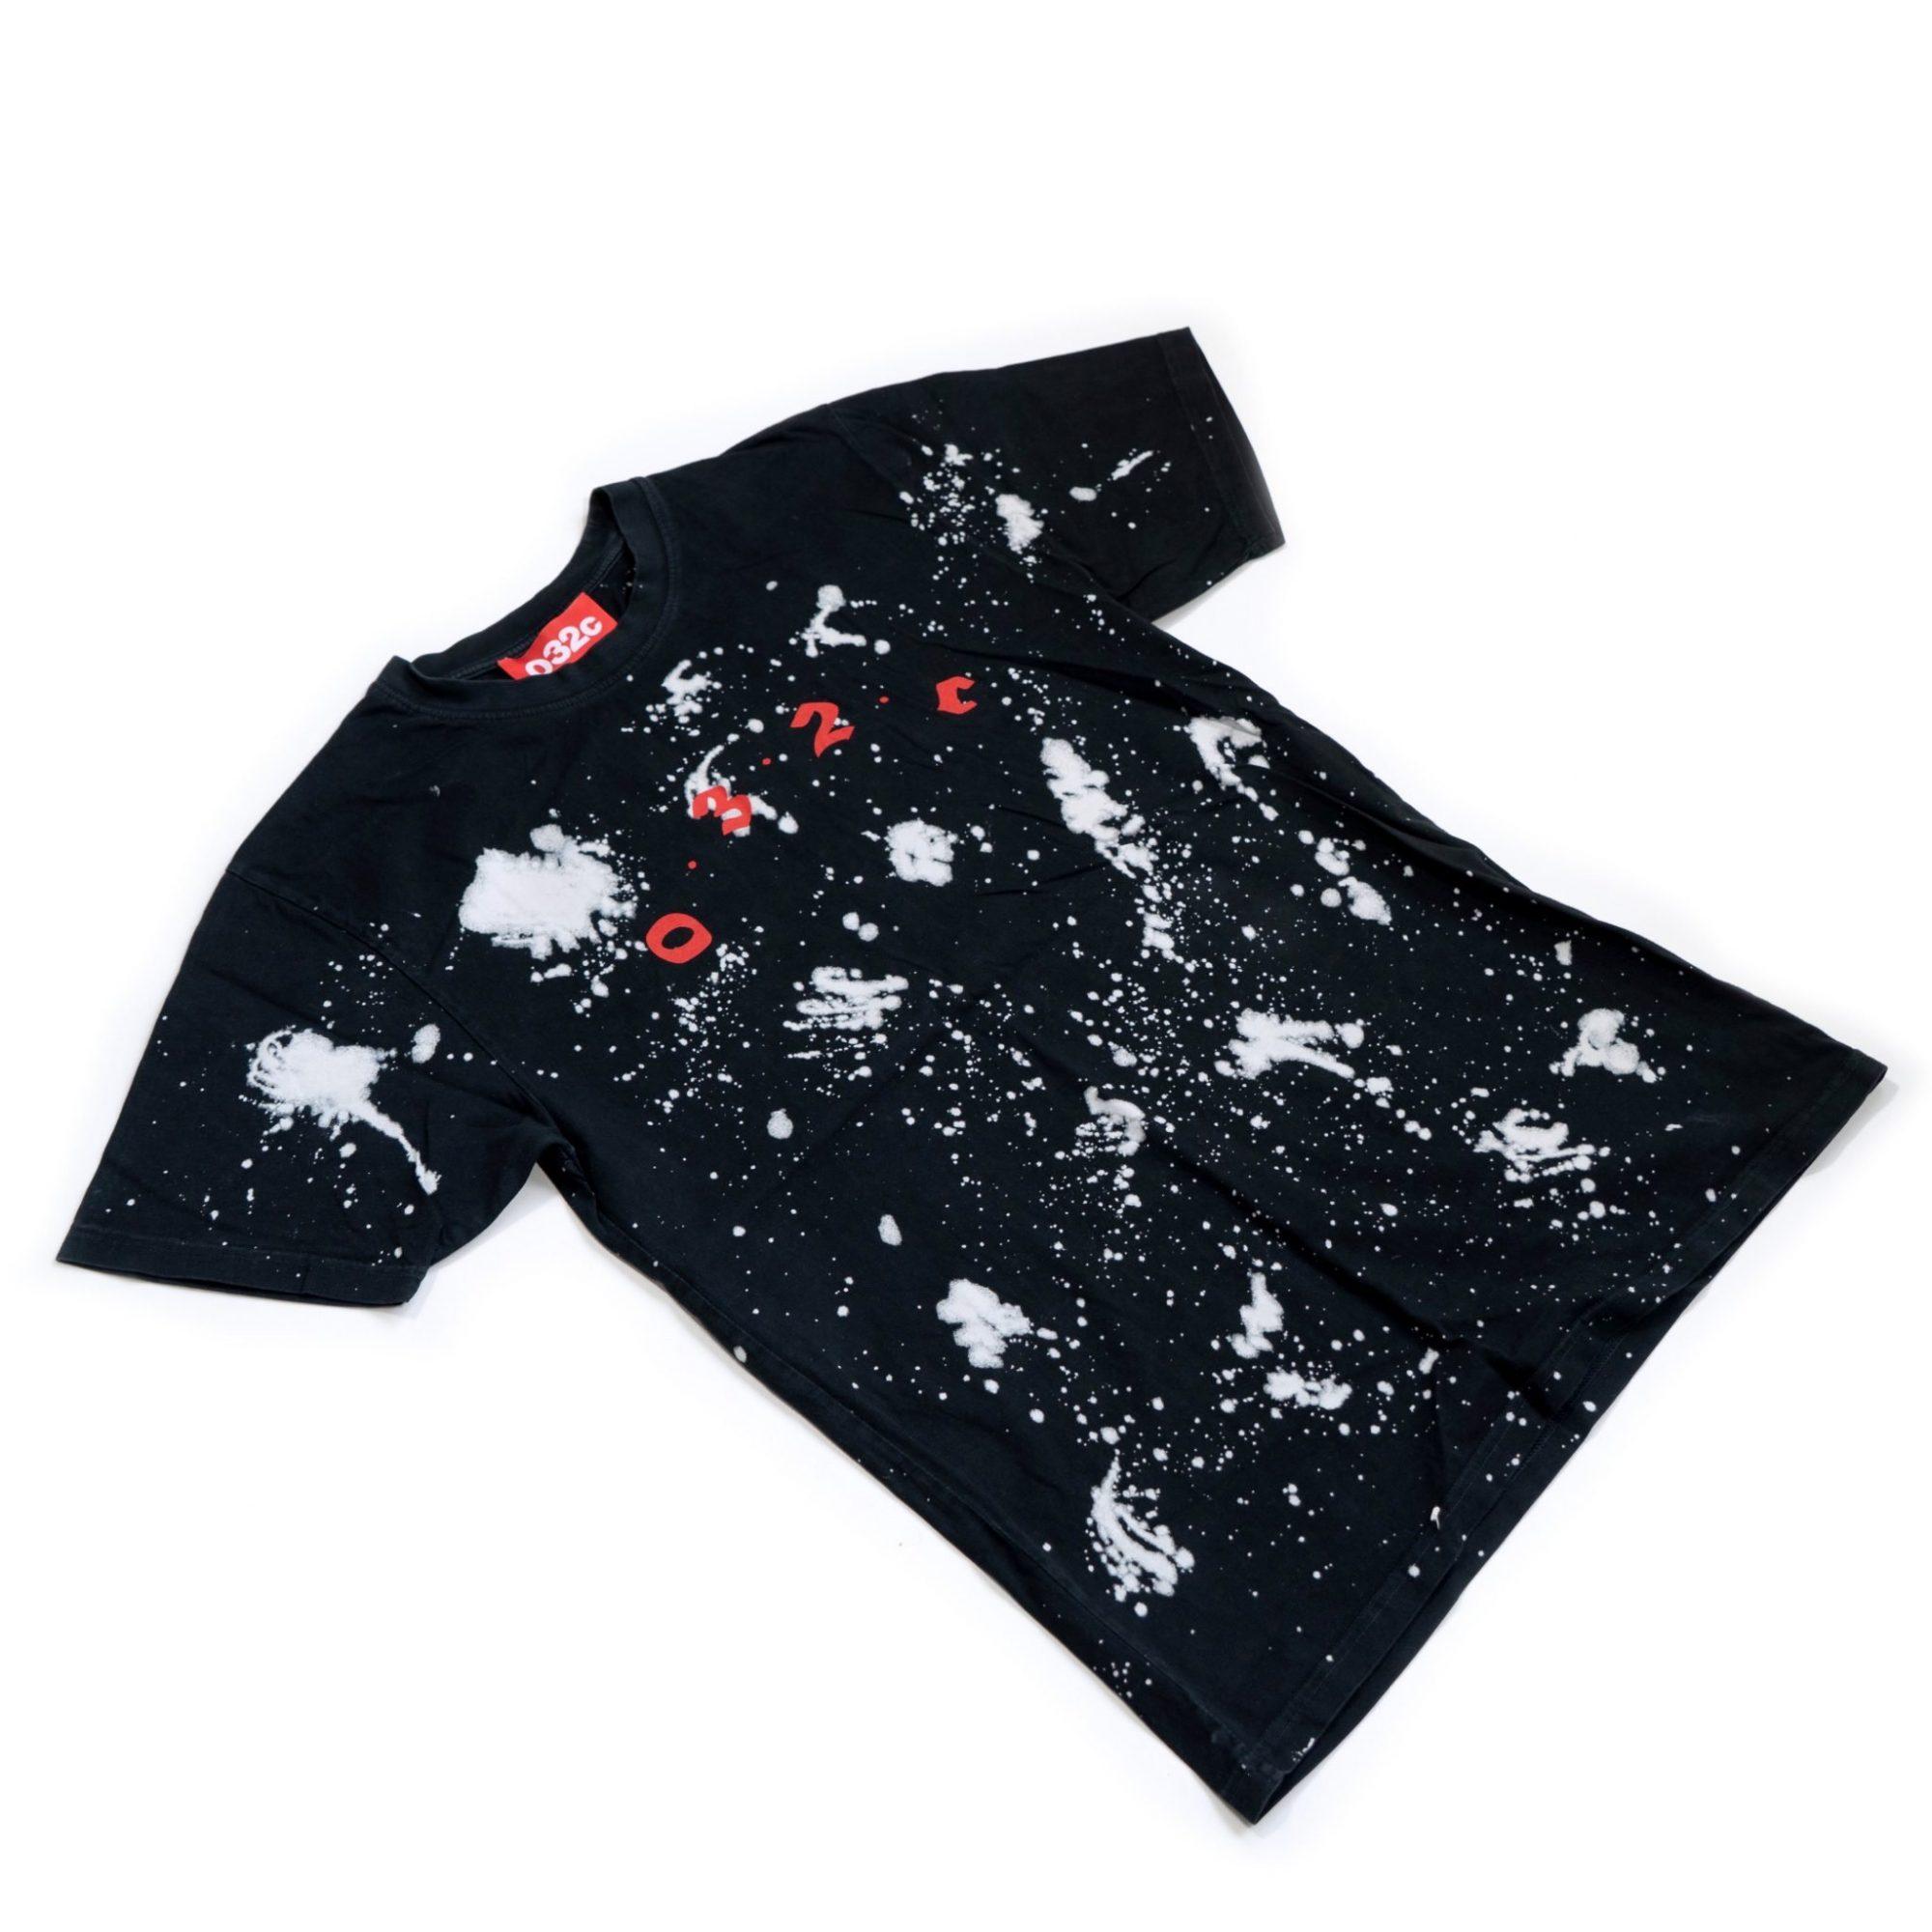 gebraucht kaufen 032c Black Peroxide T-Shirt